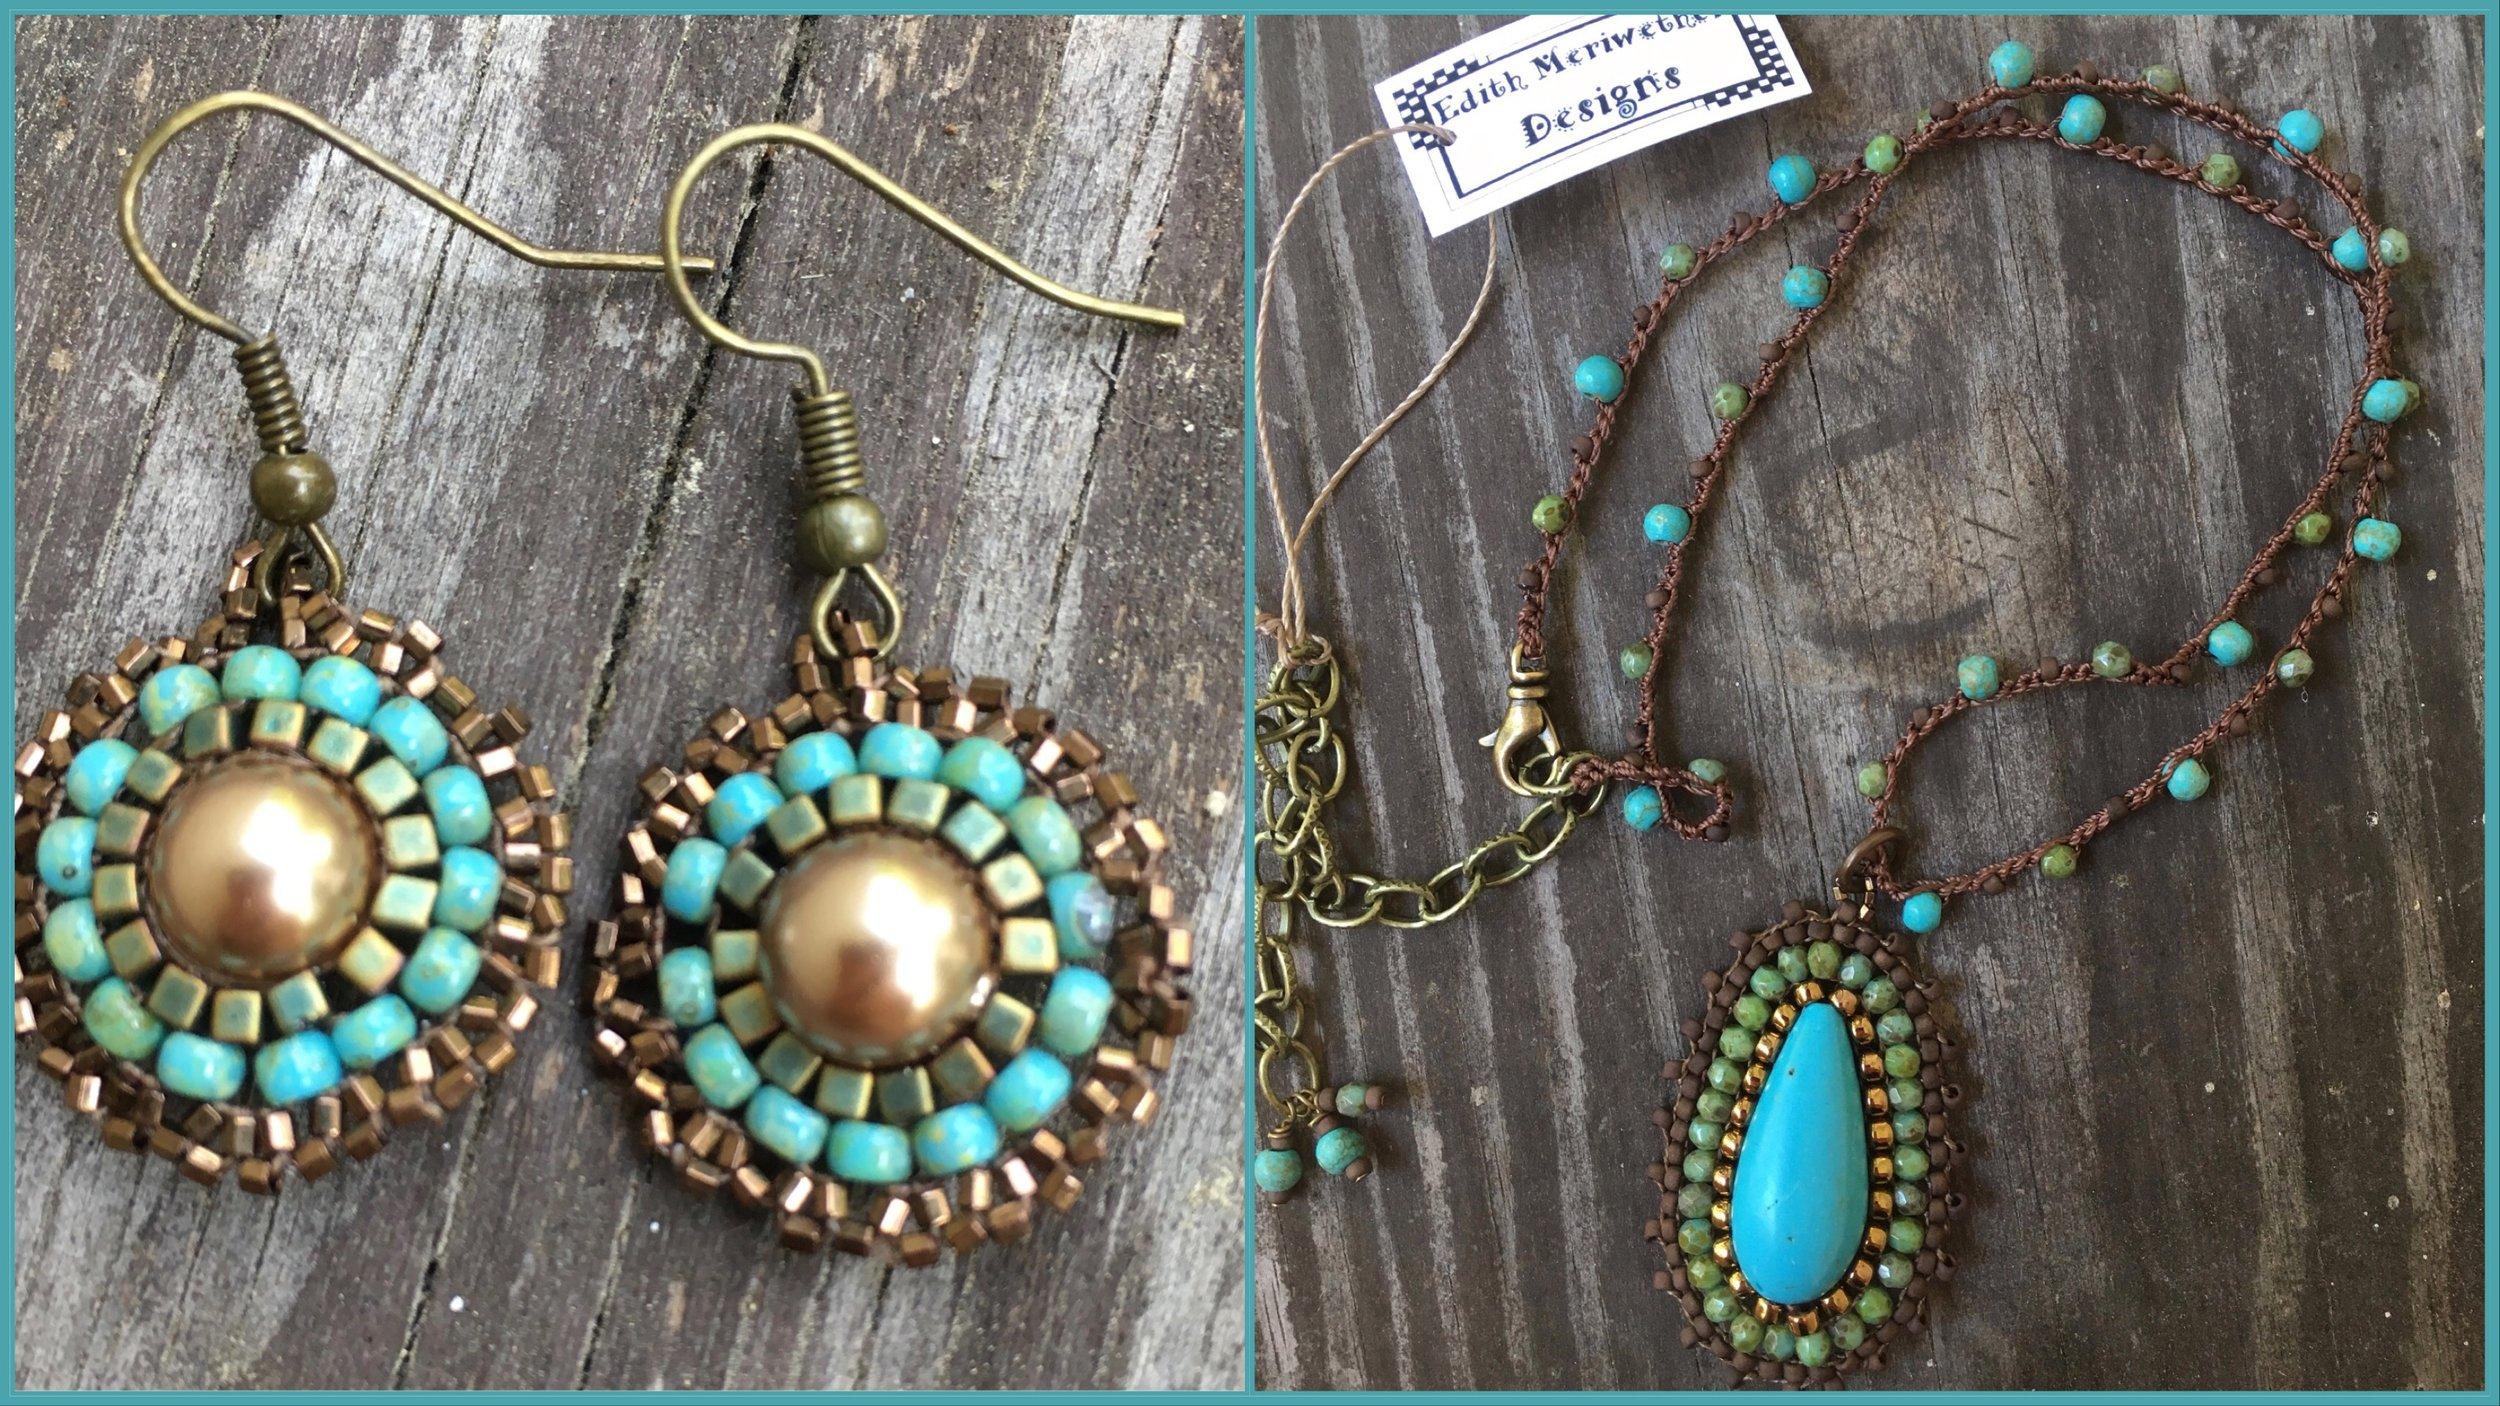 Handmade Jewelry by Edie Ashman